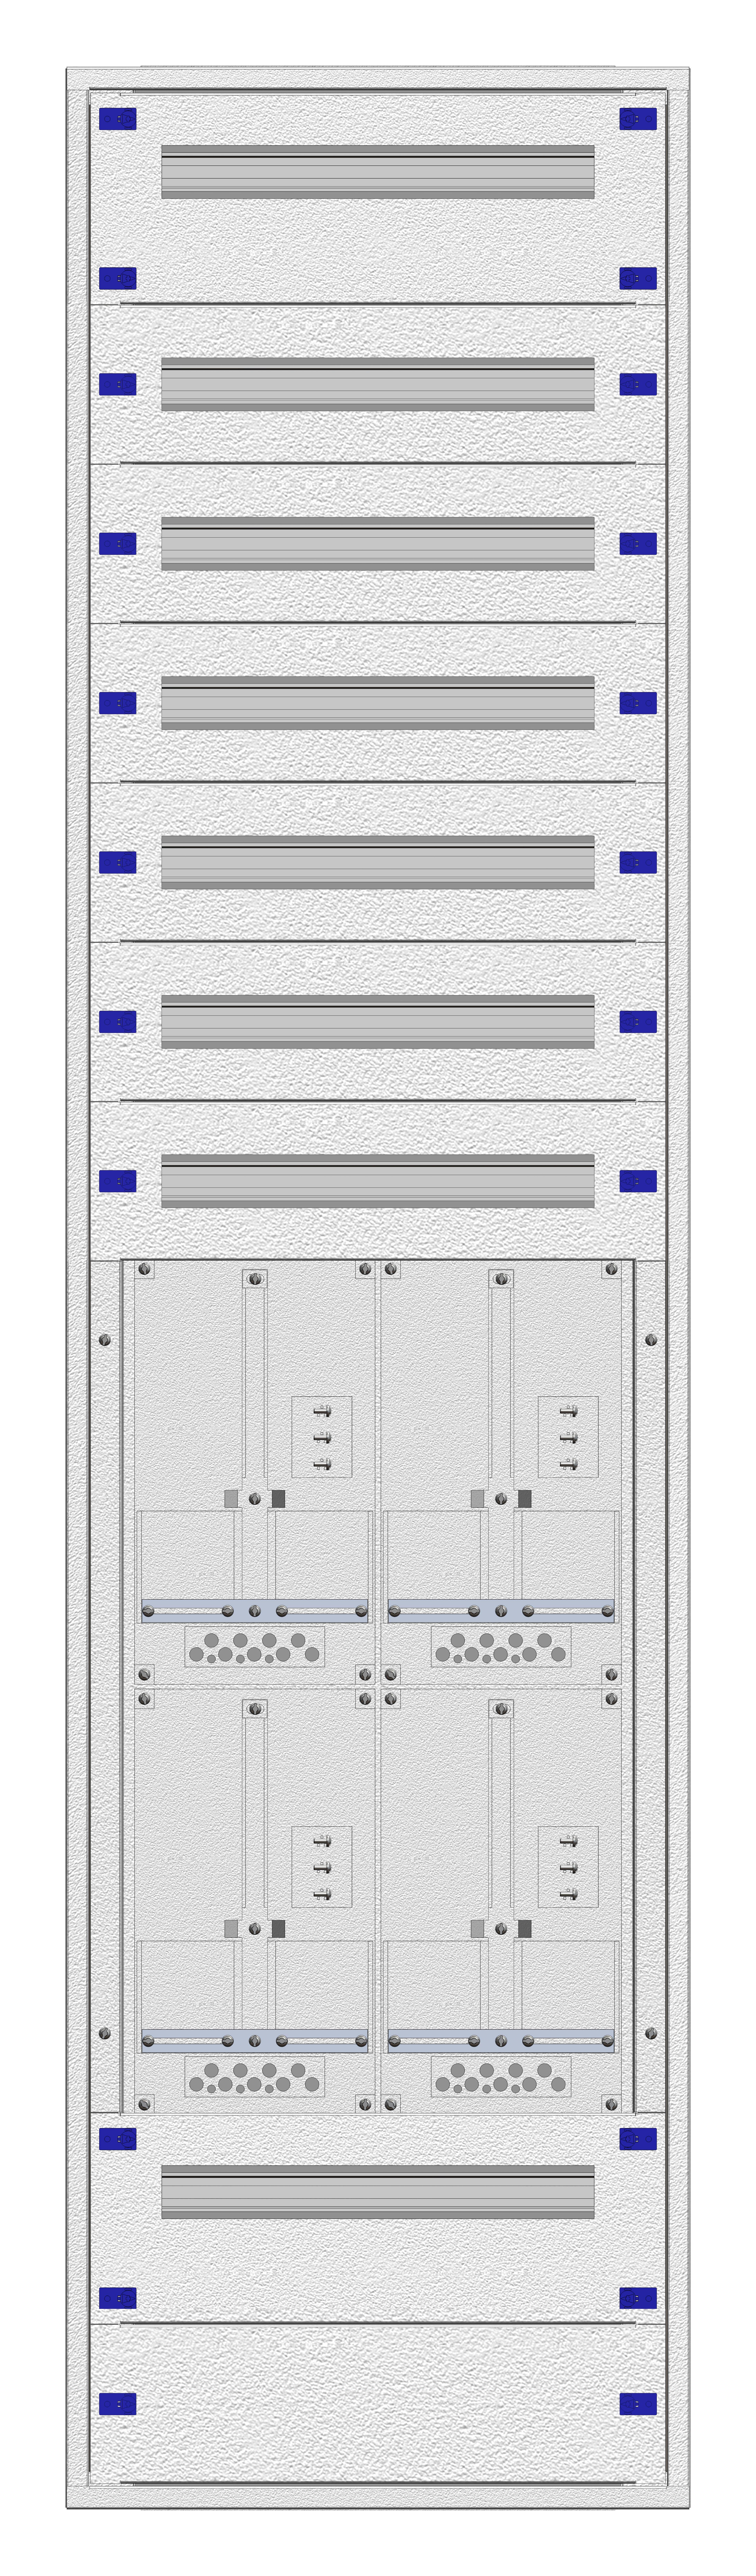 1 Stk Aufputz-Zählerverteiler 2A-45G/WIEN 4ZP, H2160B590T250mm IL162245WS